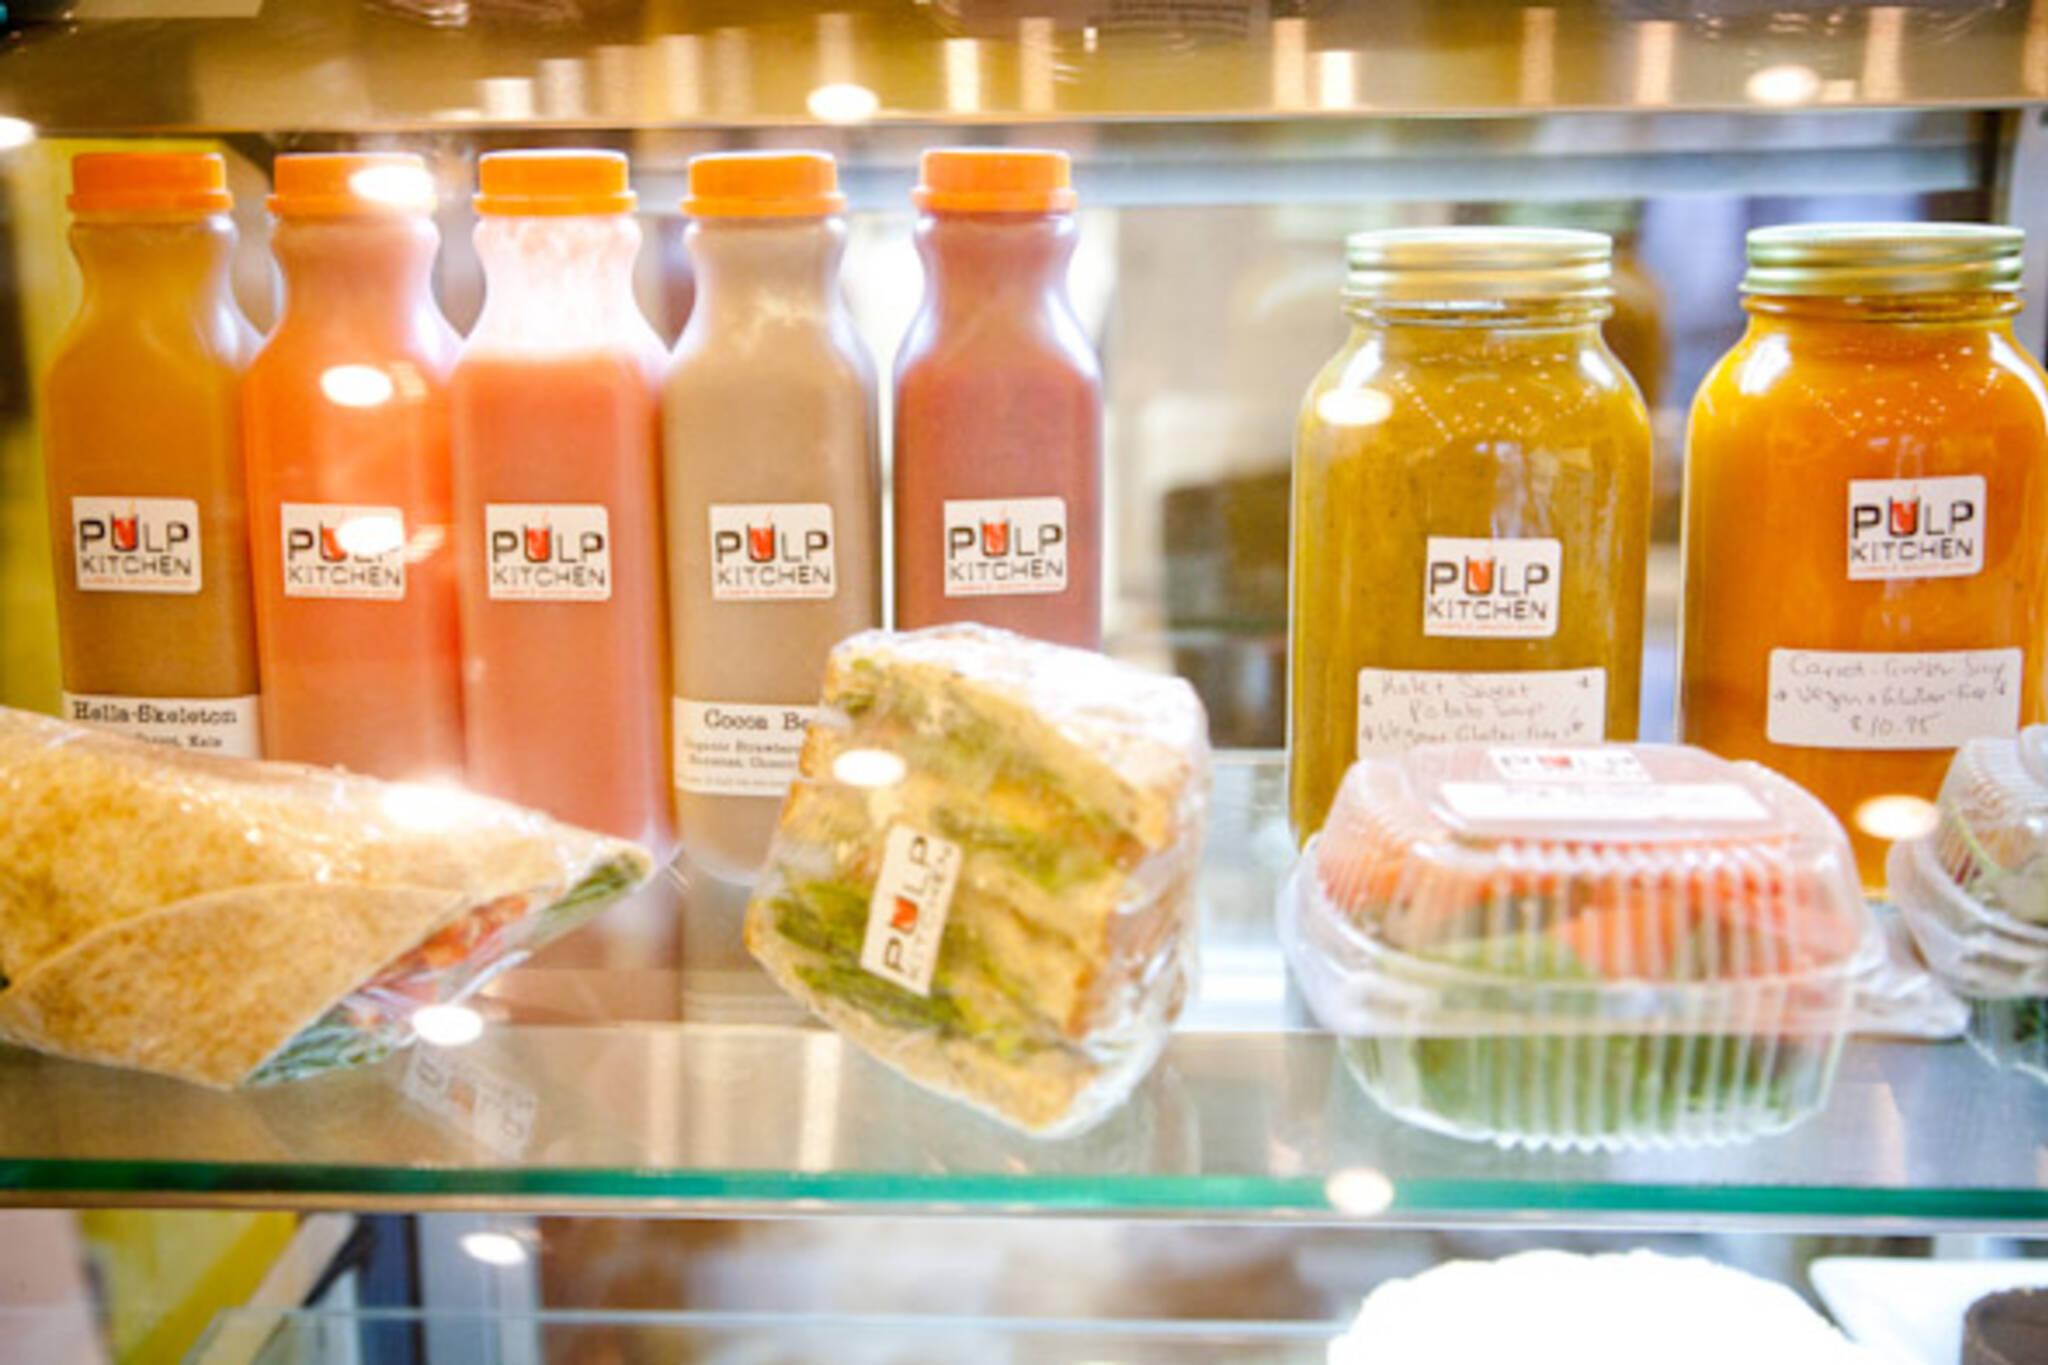 Pulp Kitchen Toronto